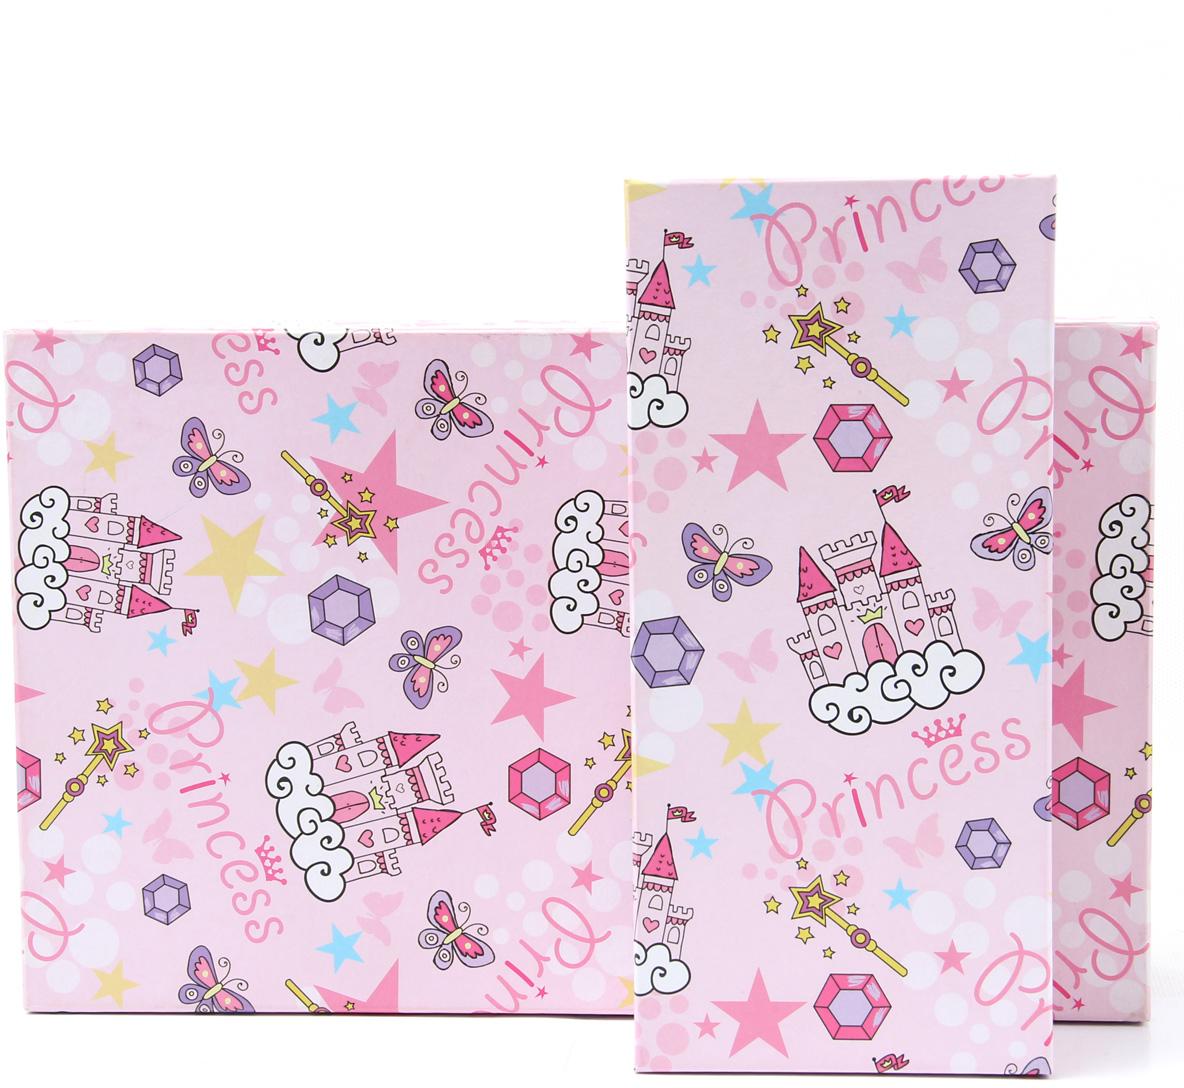 Набор подарочных коробок Veld-Co Замок принцессы, прямоугольные, 5 шт veld co набор инструментов 43896